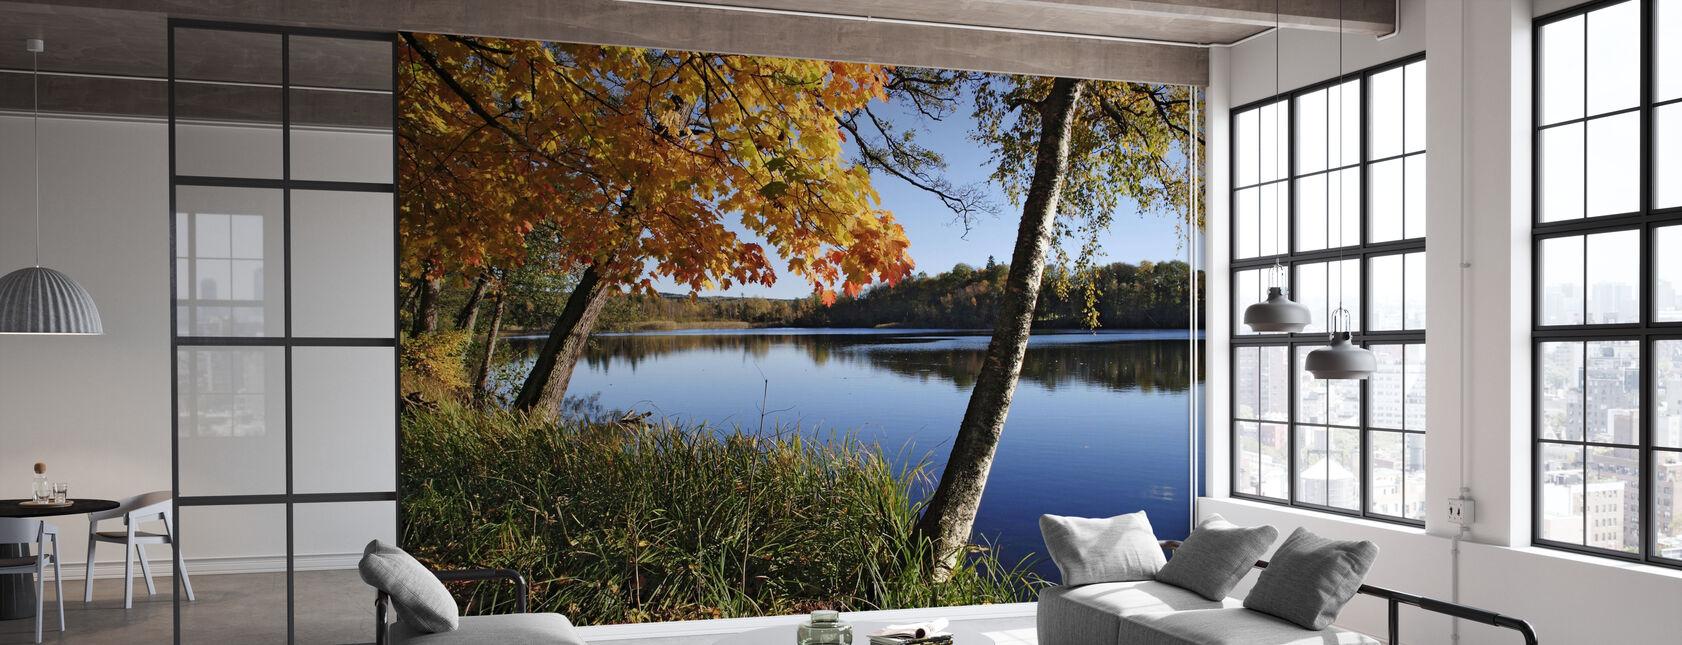 Autumn Lake - Wallpaper - Office